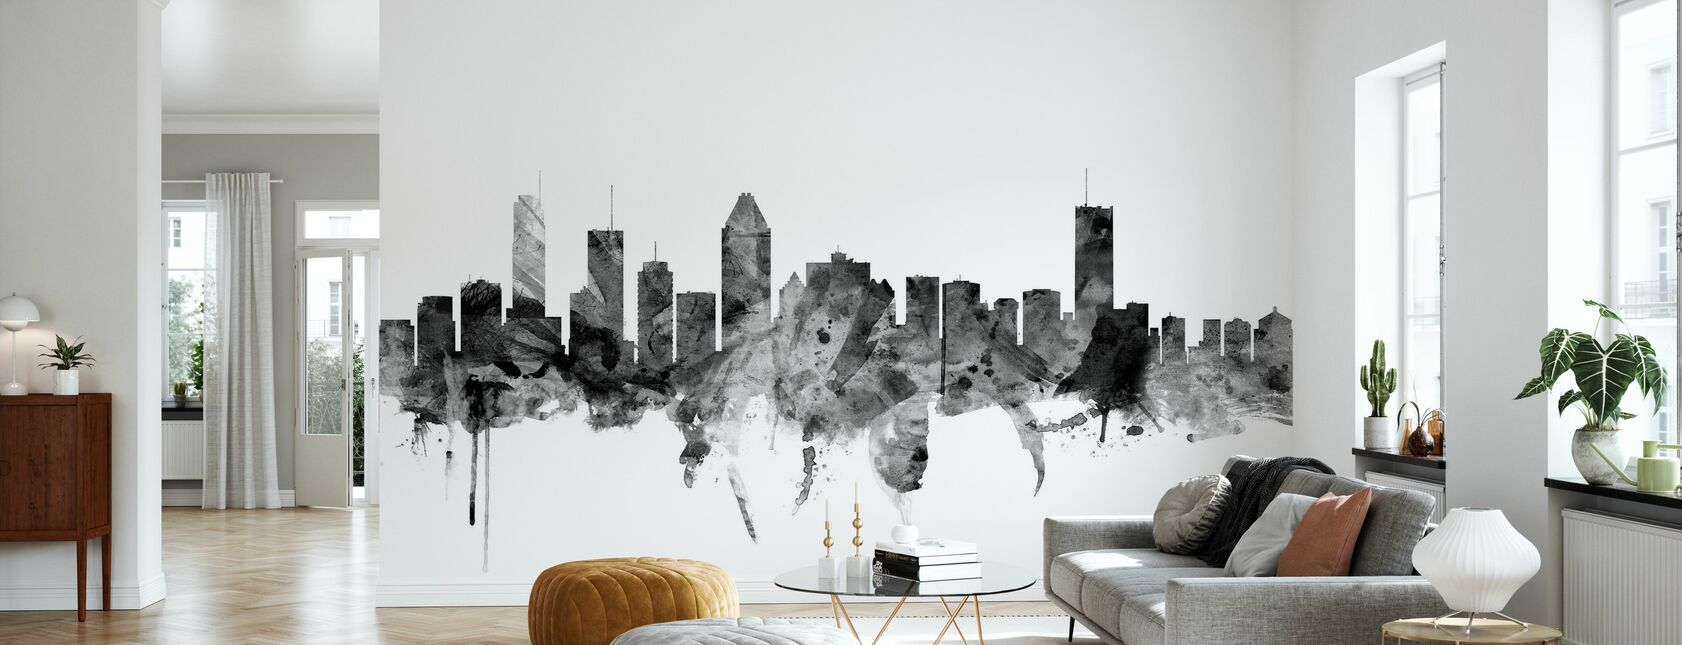 Montreal Skyline Black - Wallpaper - Living Room